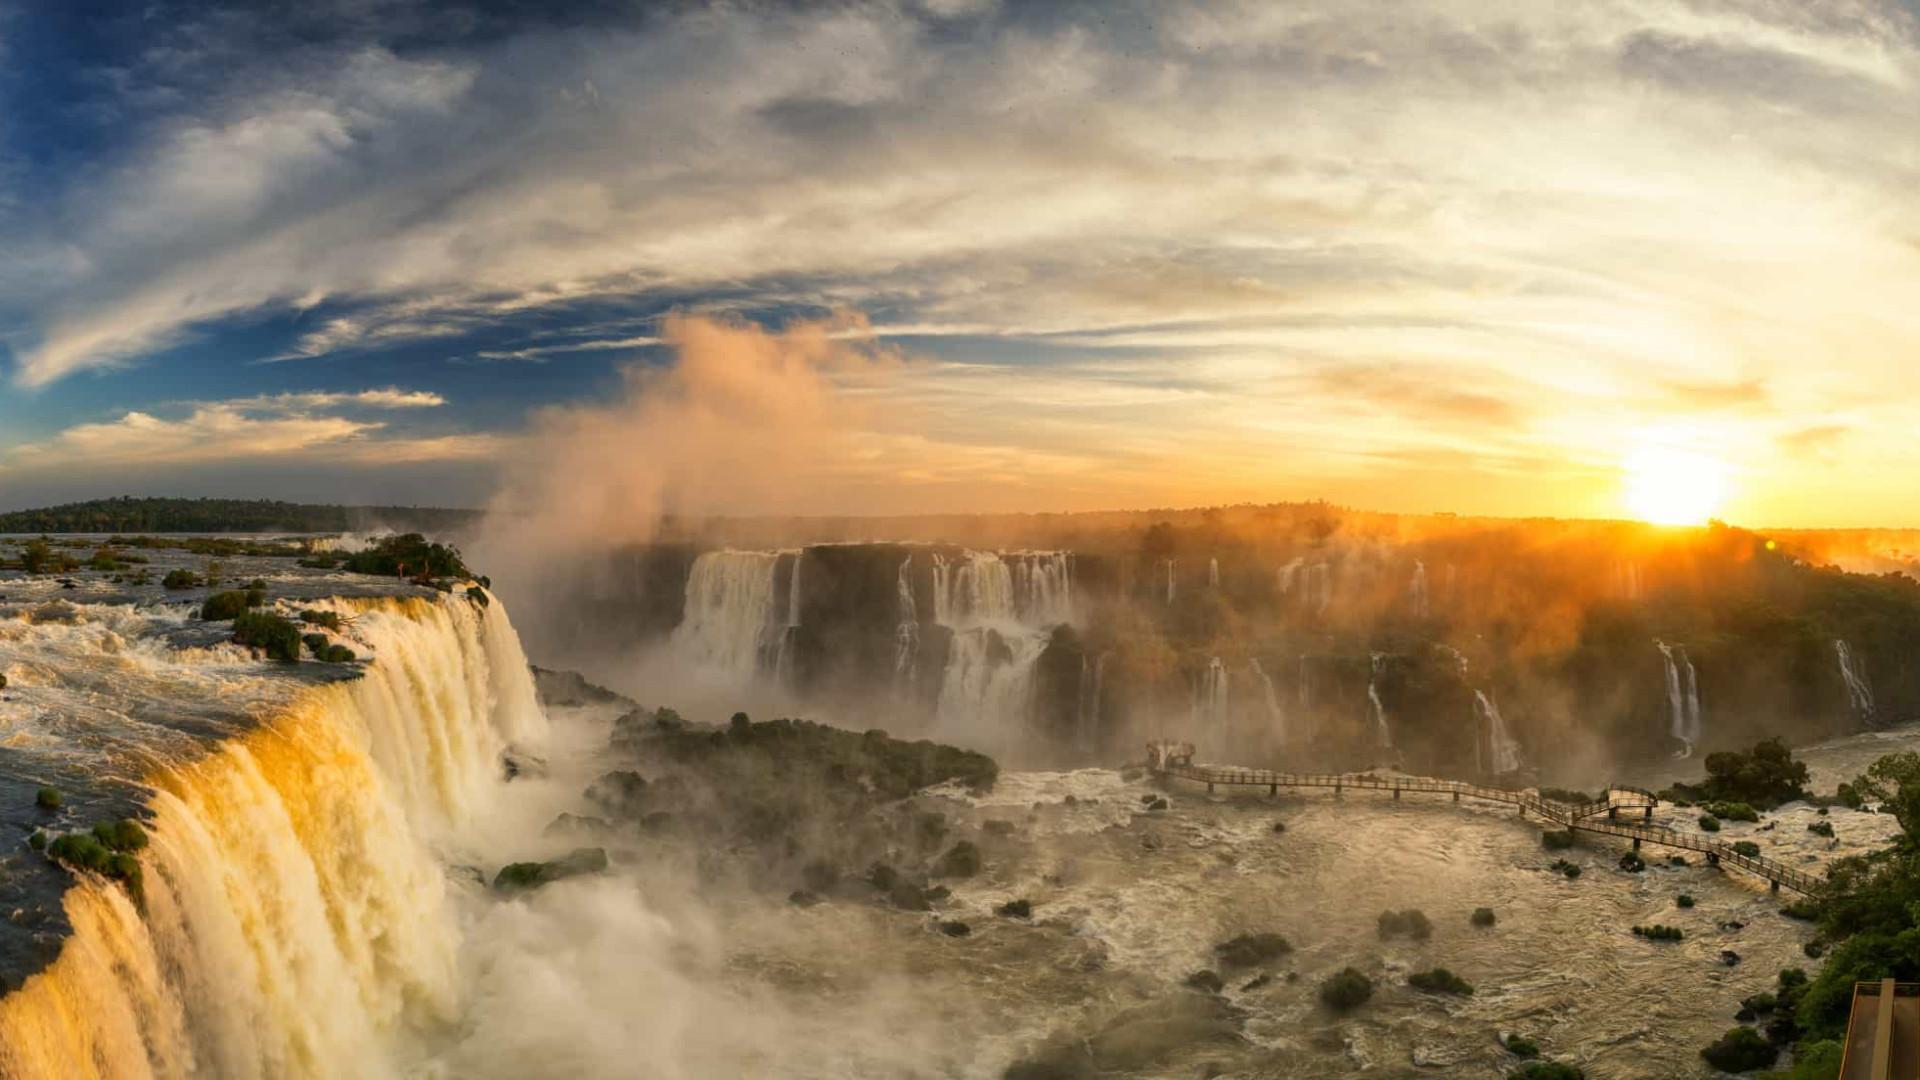 Turismo tem perda de faturamento de R$ 183 bi na pandemia